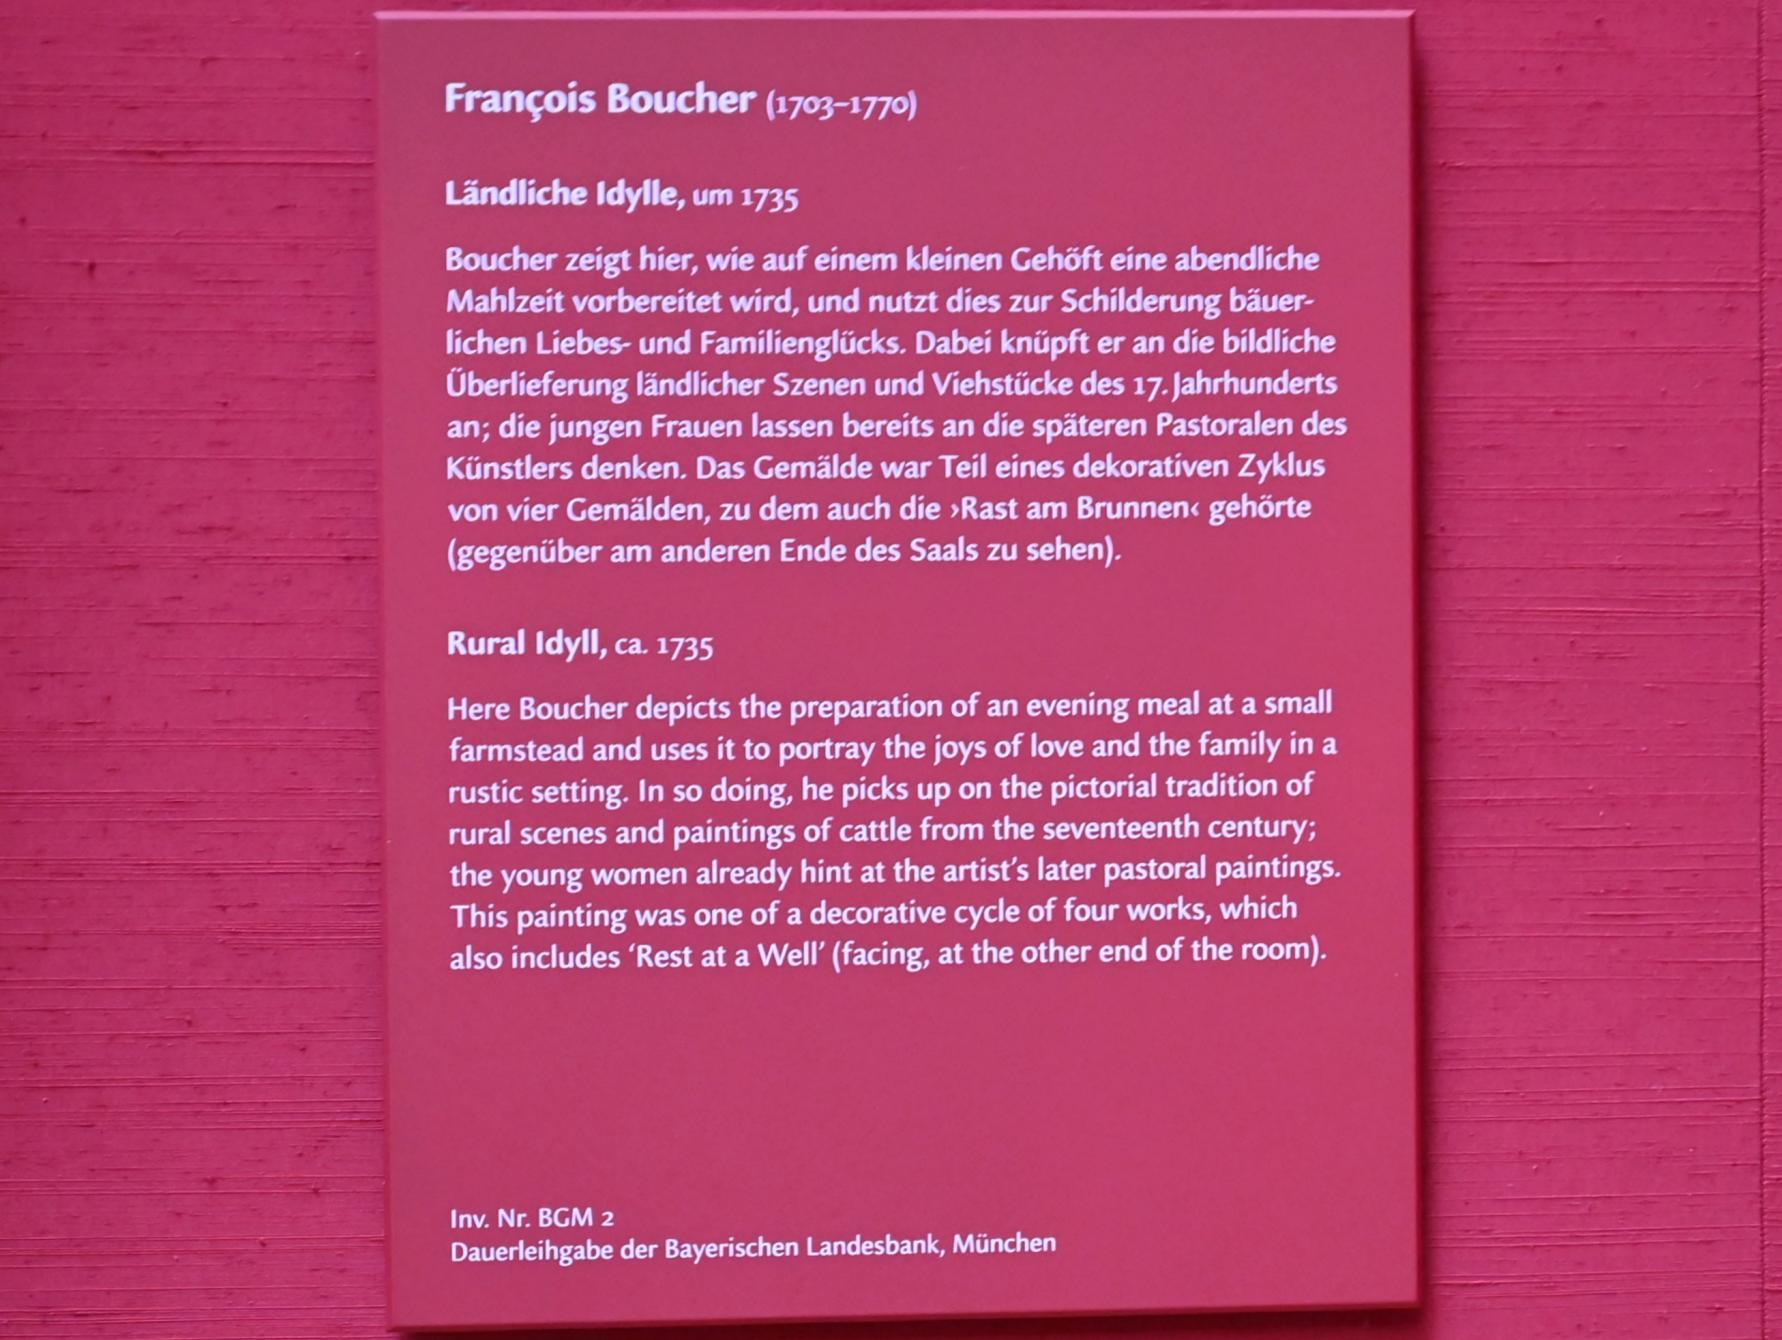 François Boucher: Ländliche Idylle, um 1735, Bild 2/2